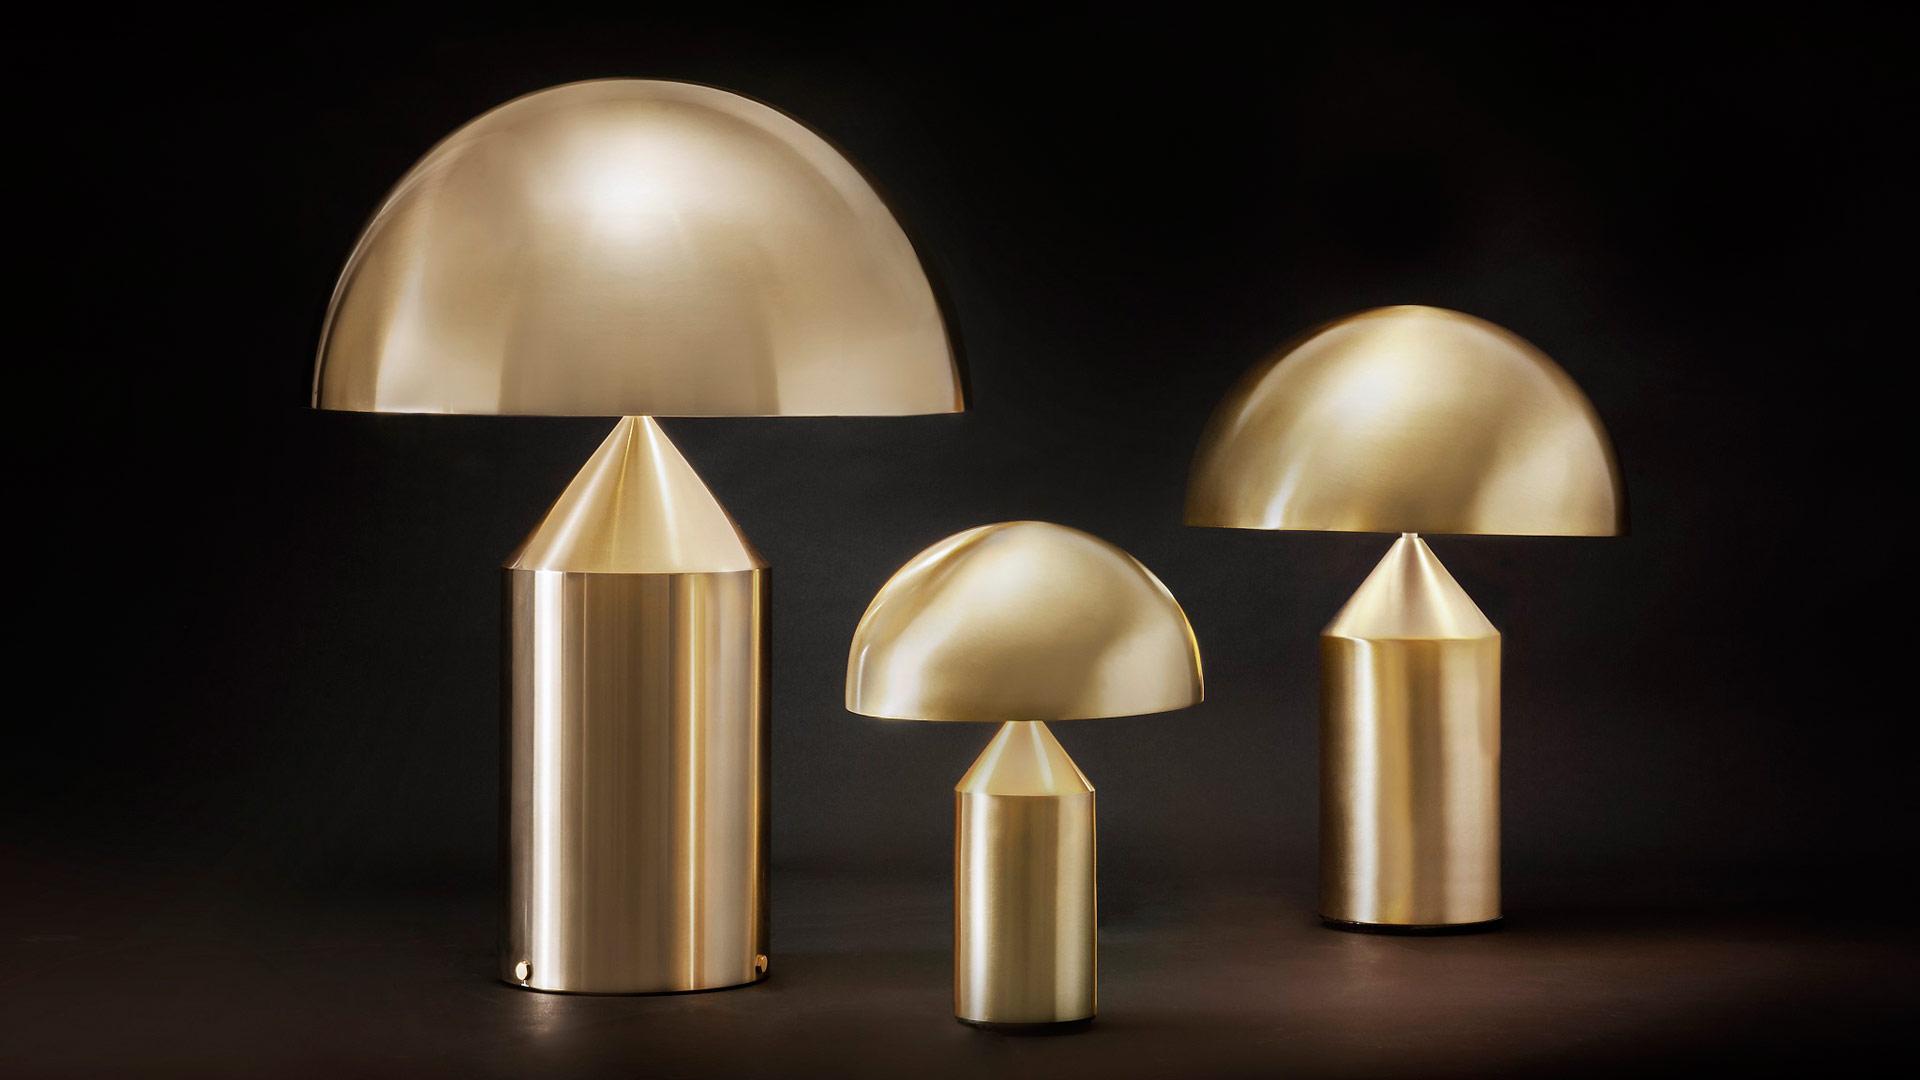 Oluce Gold – Lampade preziose per un Natale scintillante